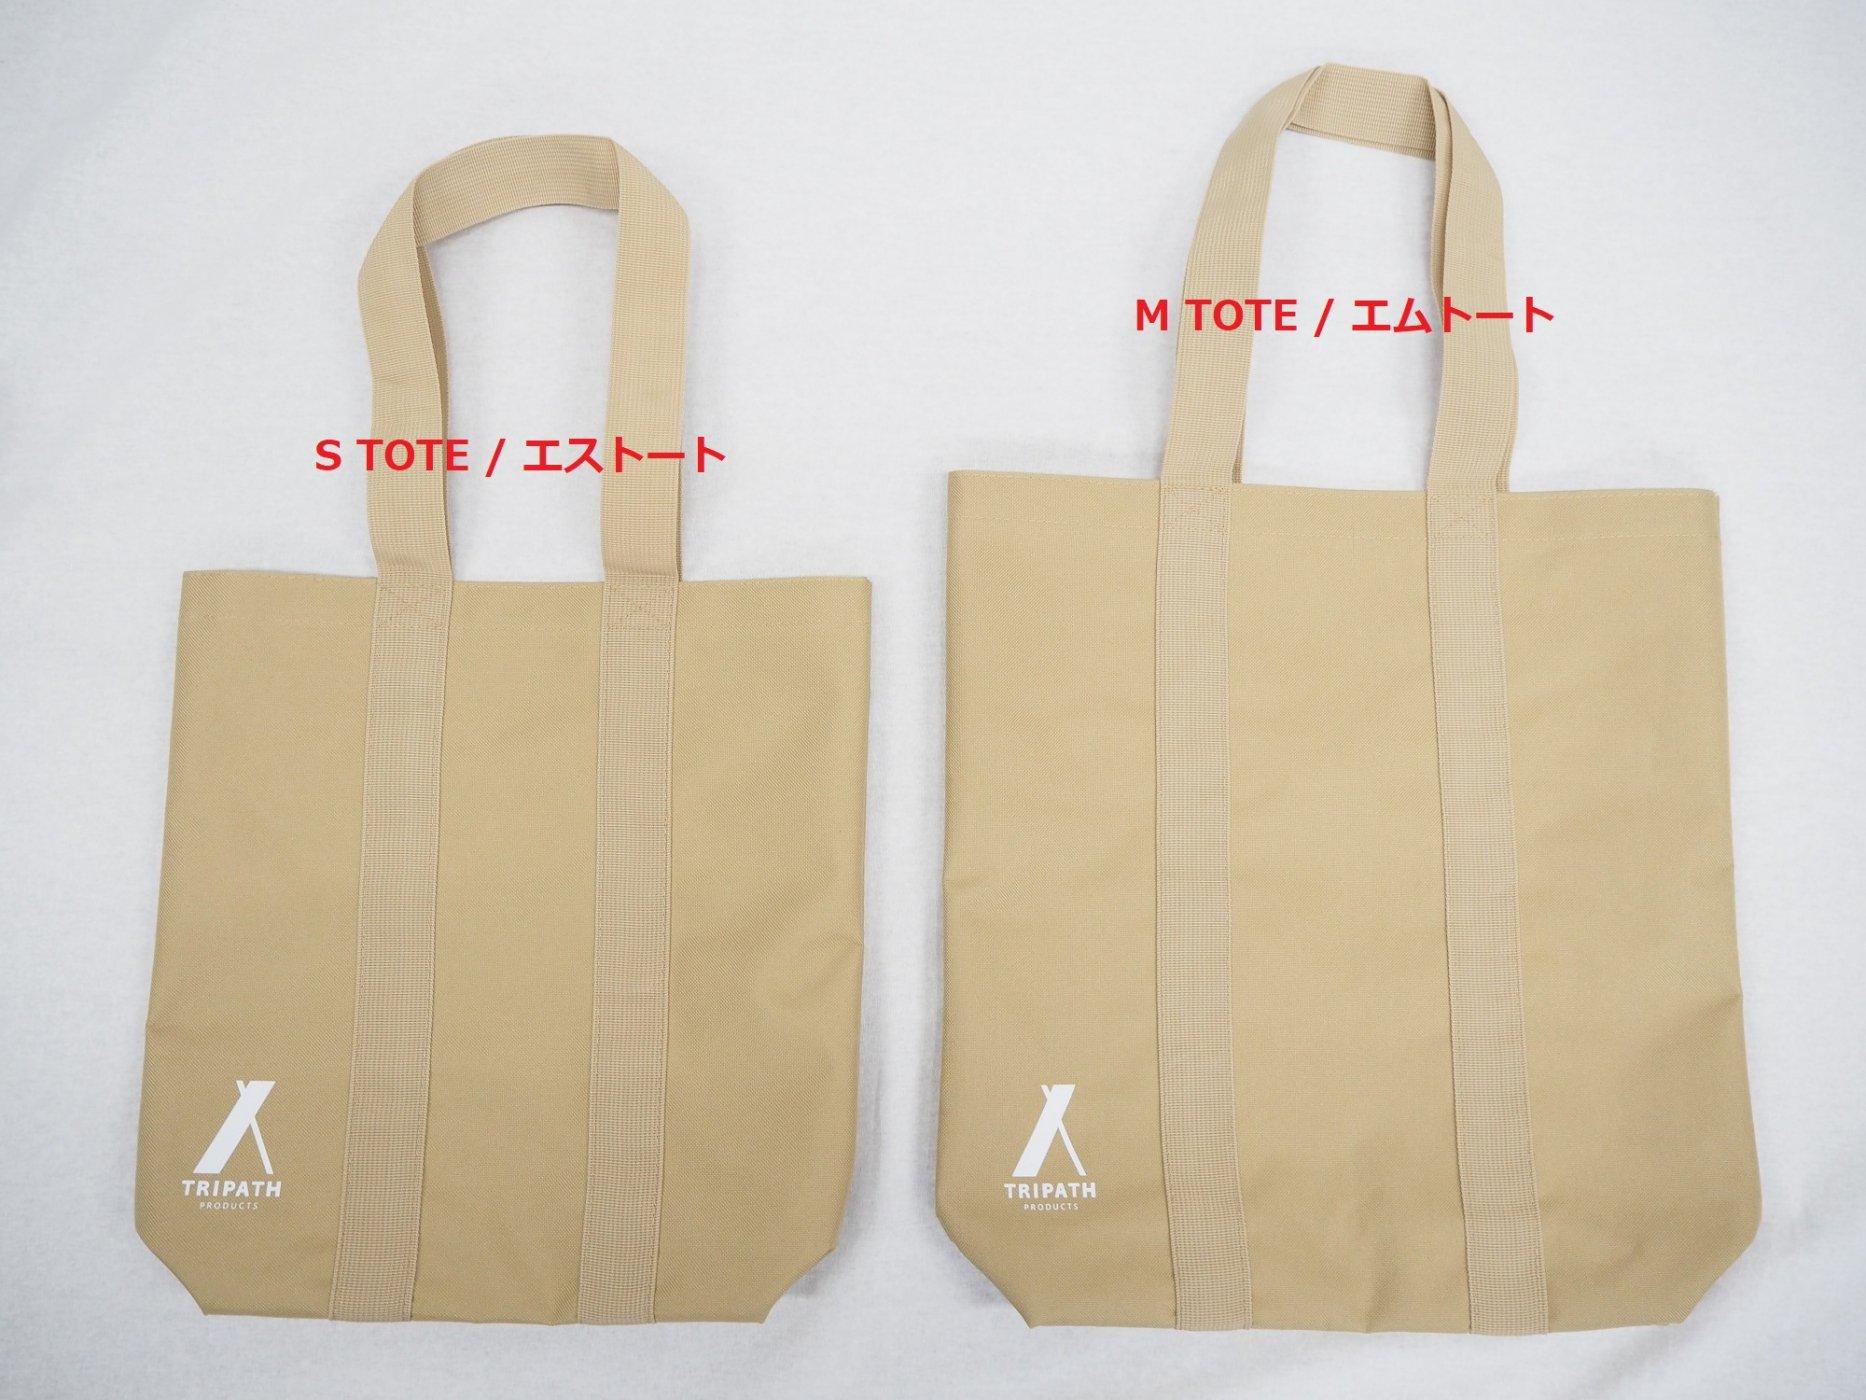 M TOTE / エム トート